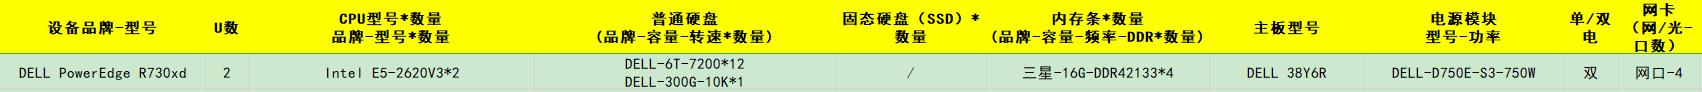 DELL PowerEdge R730xd Intel E5-2620V3*2 DELL-6T-7200*12 DELL-300G-10K*1 三星-16G-DDR42133*4